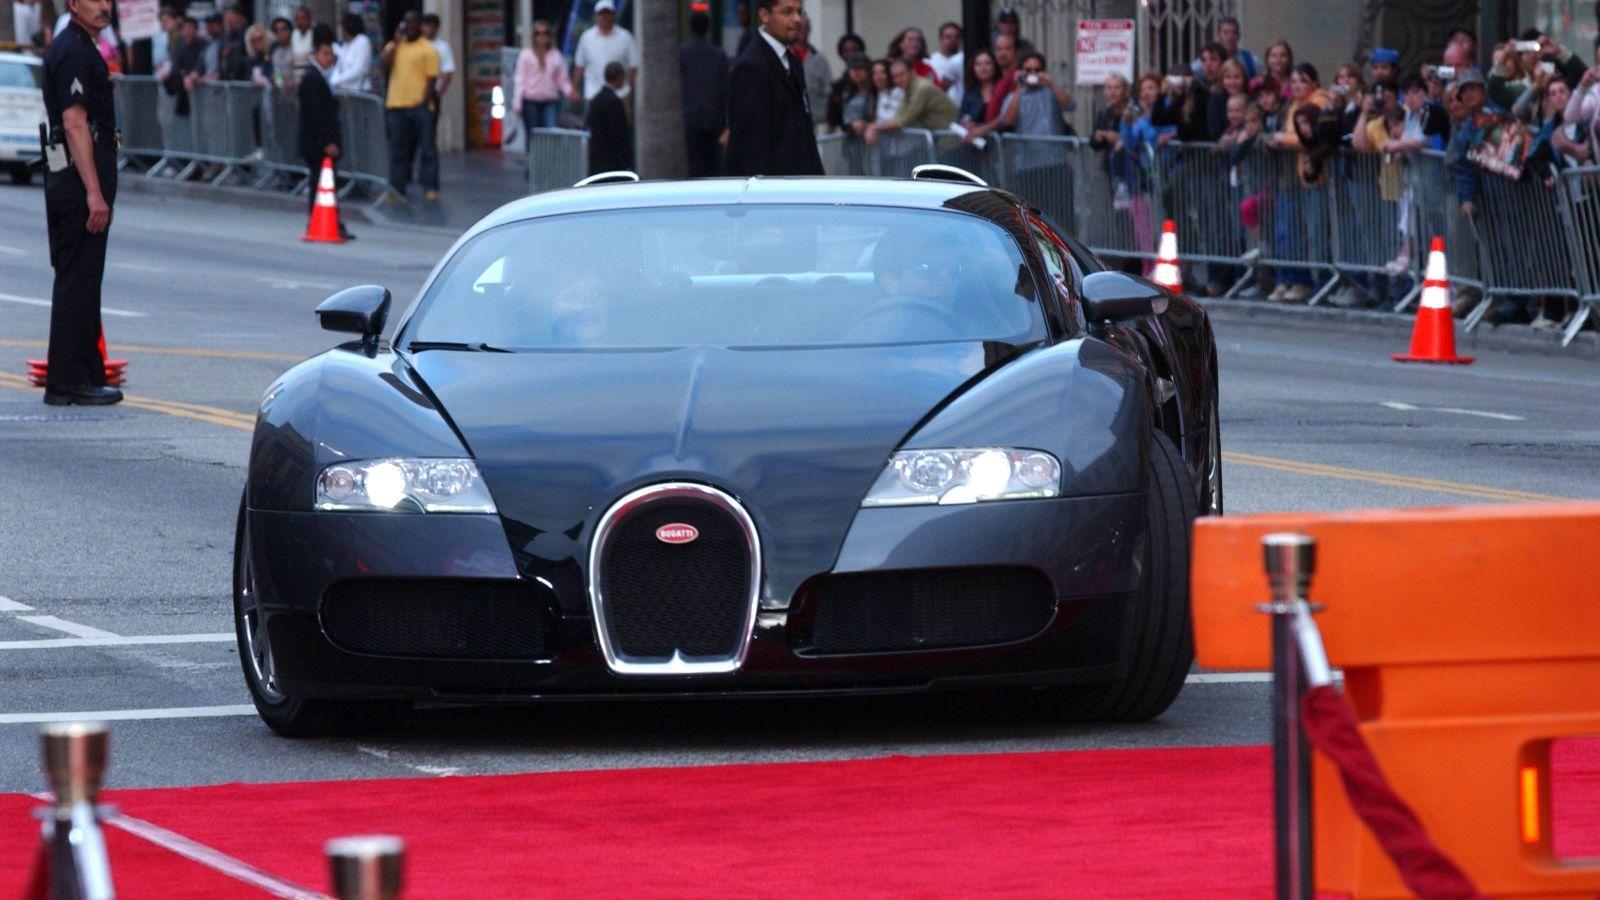 A maga 1200 lóerejével és 8 literes V-16-os motorjával a Bugatti Veyron sportkocsi képes elérni akár a 408,84 kilométer per órás sebességet is. Sok celebnek van ilyen verdája, többek között Tom Cruise-nak is. (Stewart Cook/Shutterstock)